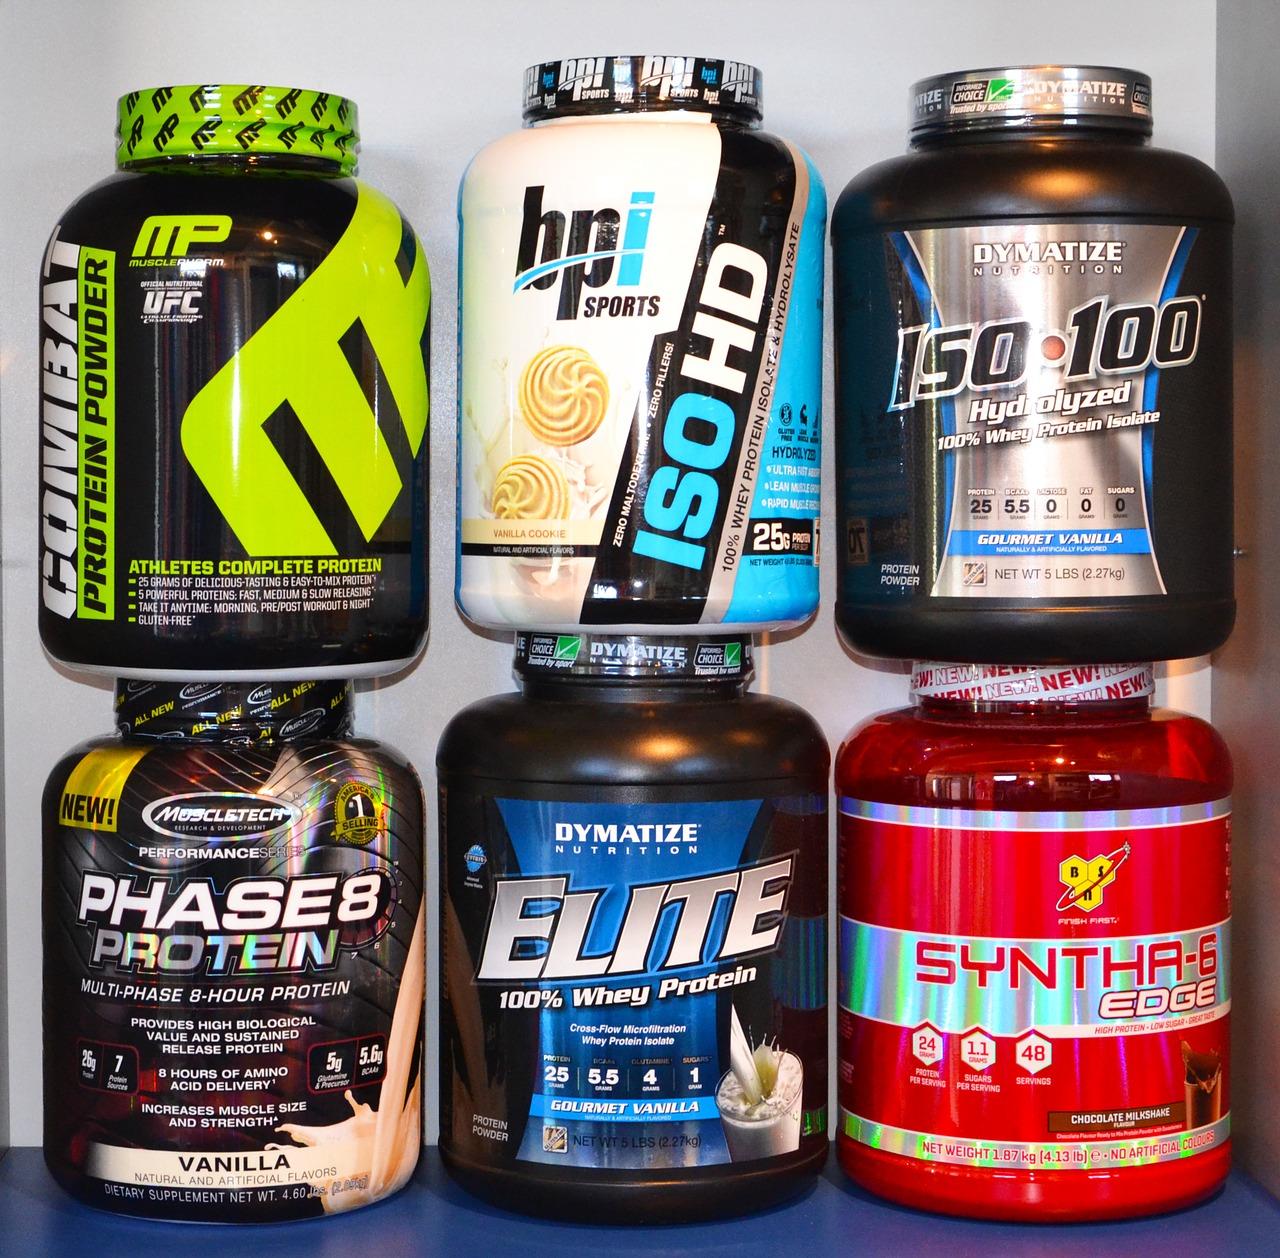 Les suppléments sportifs pour optimiser la performance